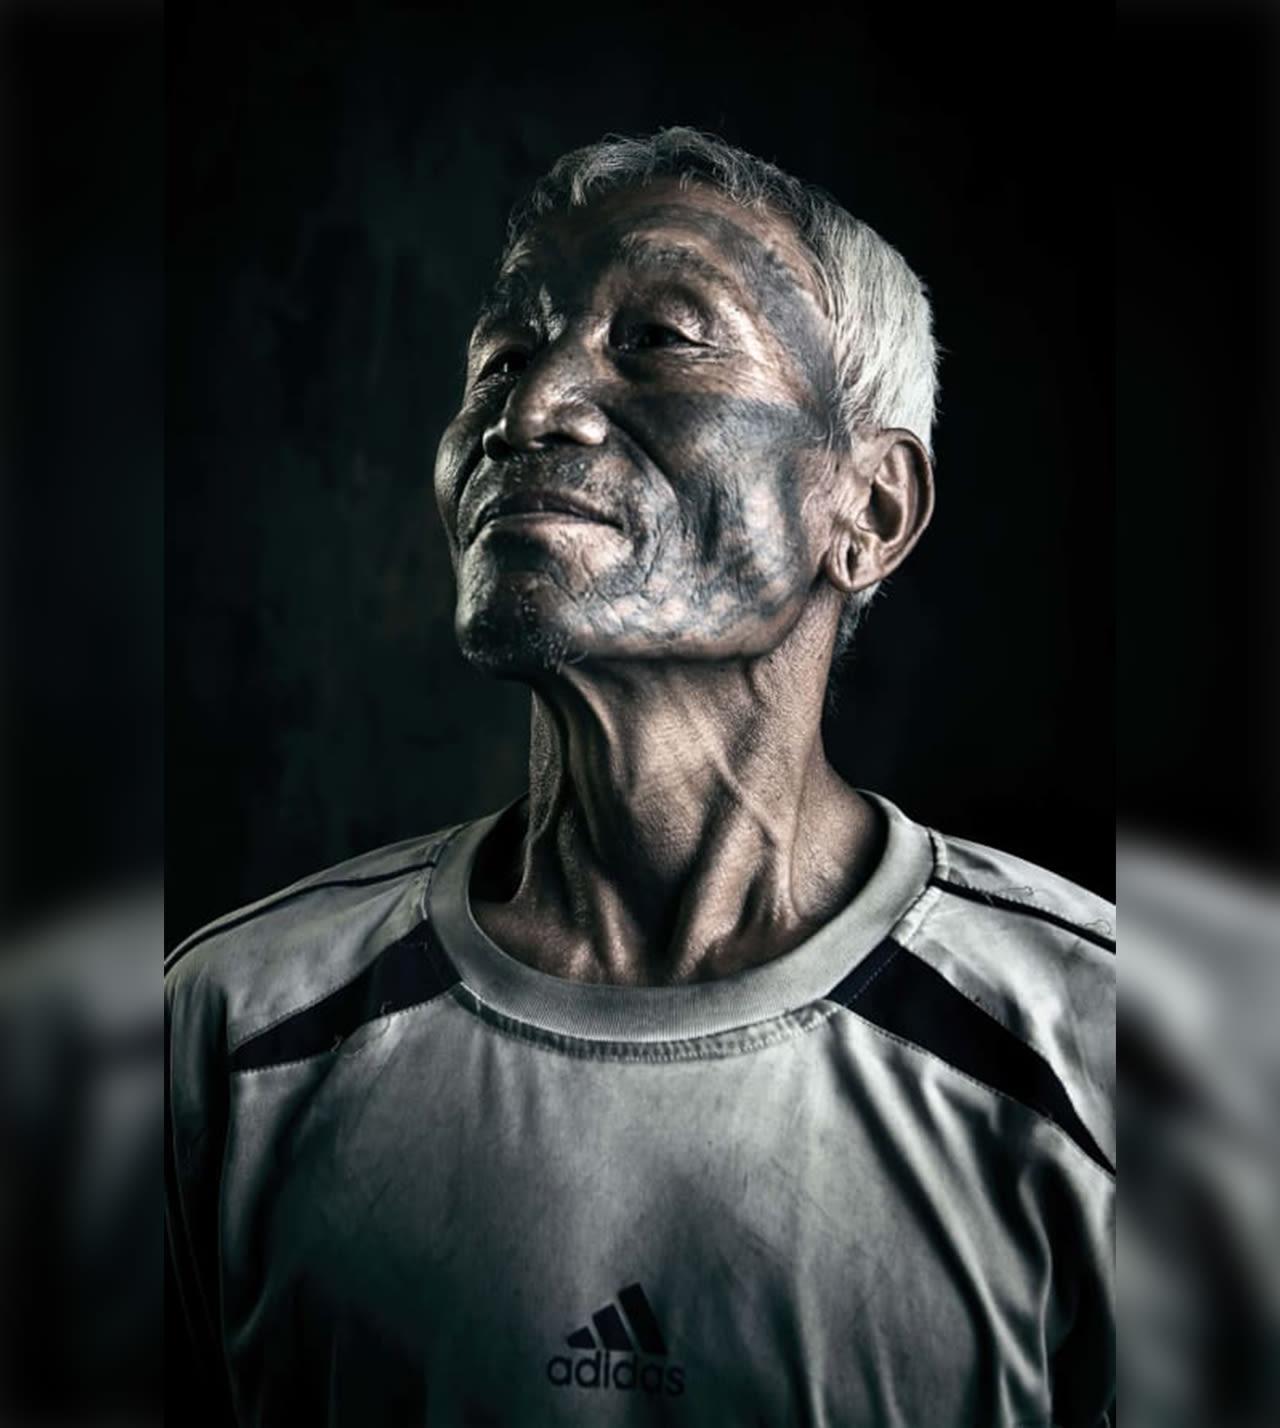 صور مؤثرة لأخر ما تبقى من أفراد قبيلة صائدي الرؤوس الموشومين بولاية ناجلاند الهندية